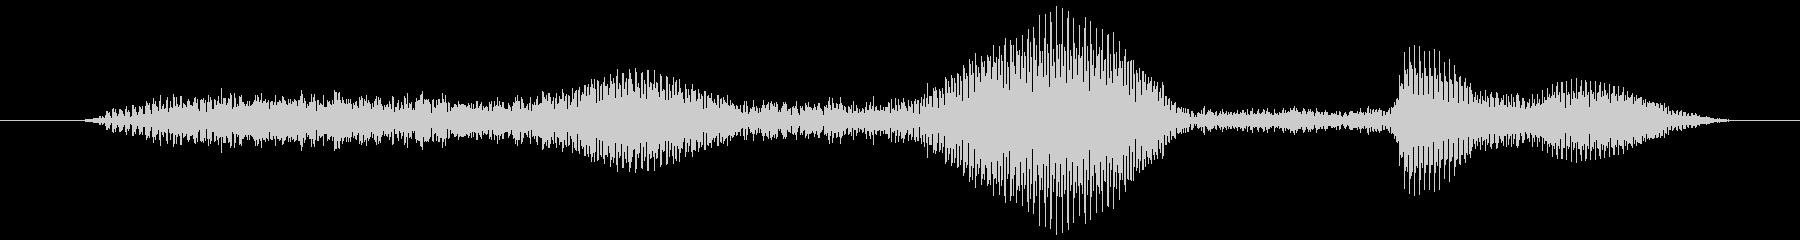 うふふふっ(女の子の笑い声)の未再生の波形